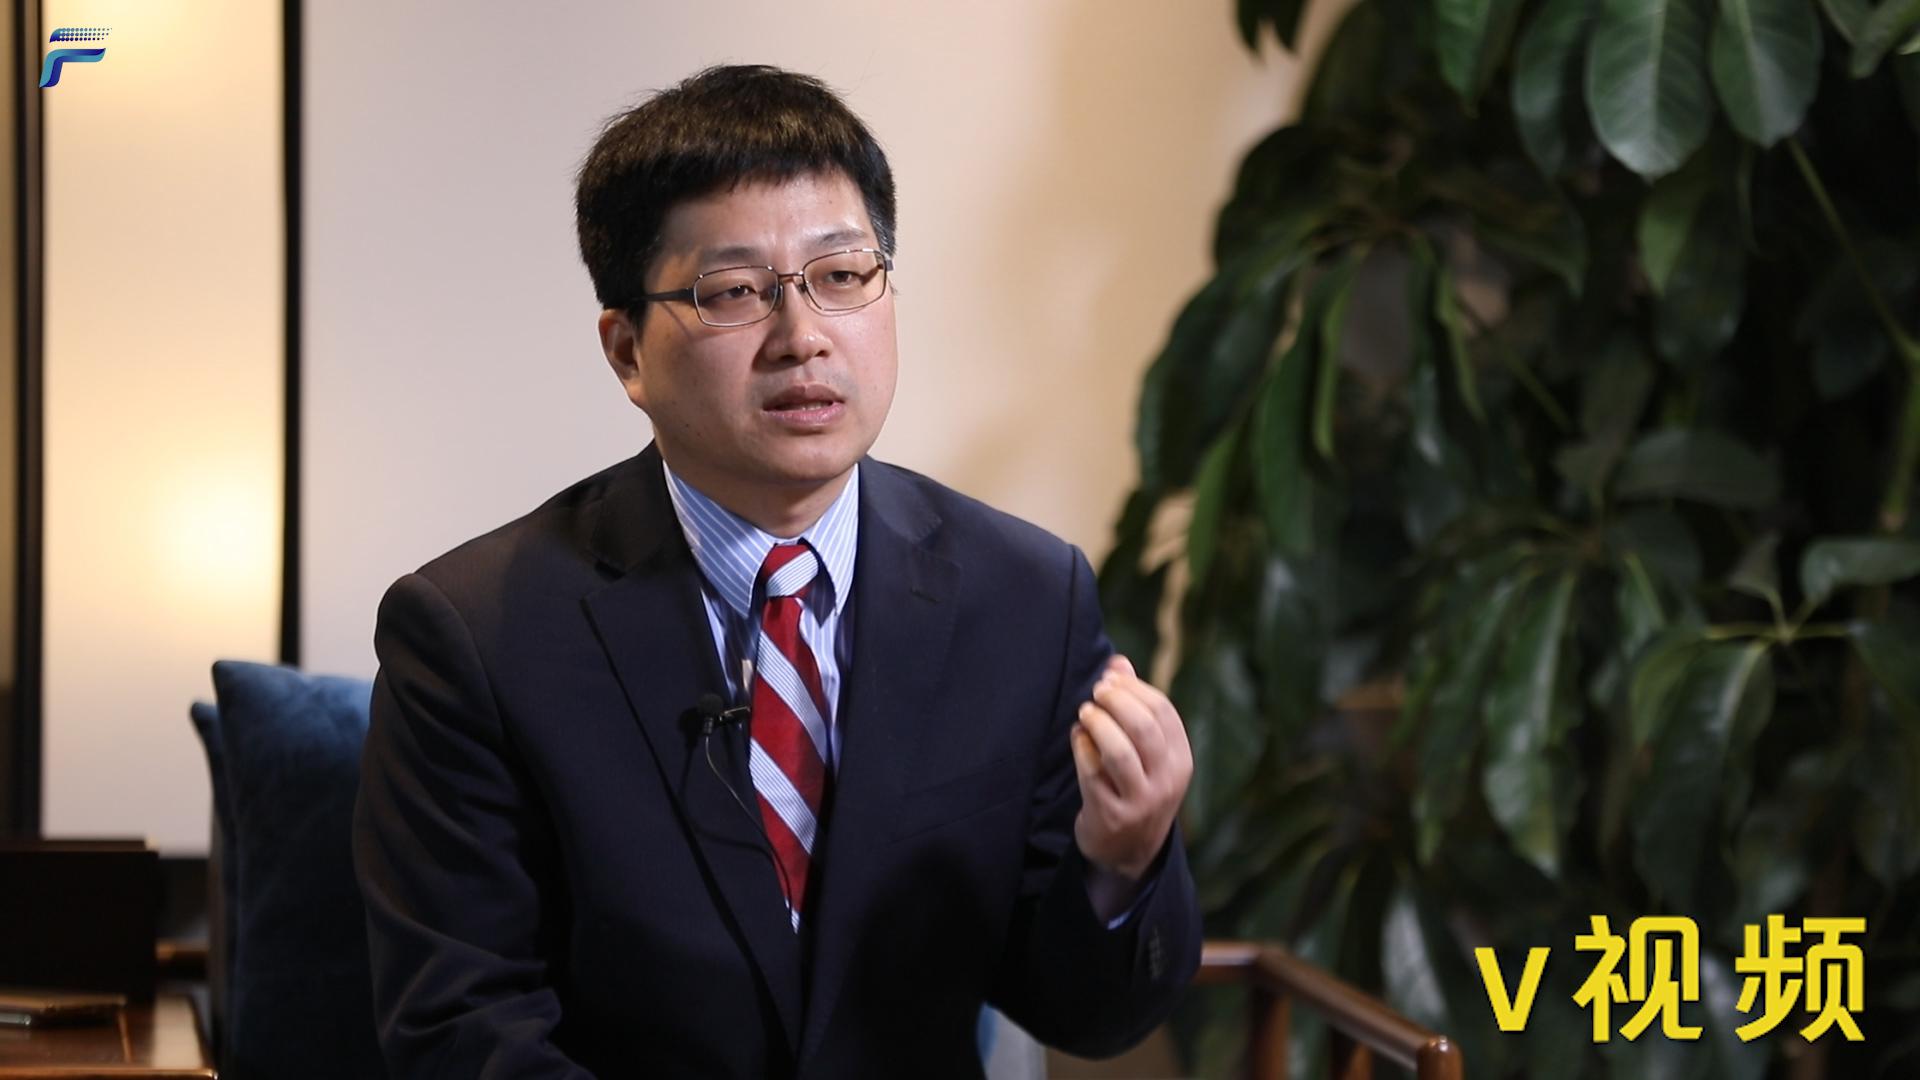 王勇:营商环境的改善需要因地制宜